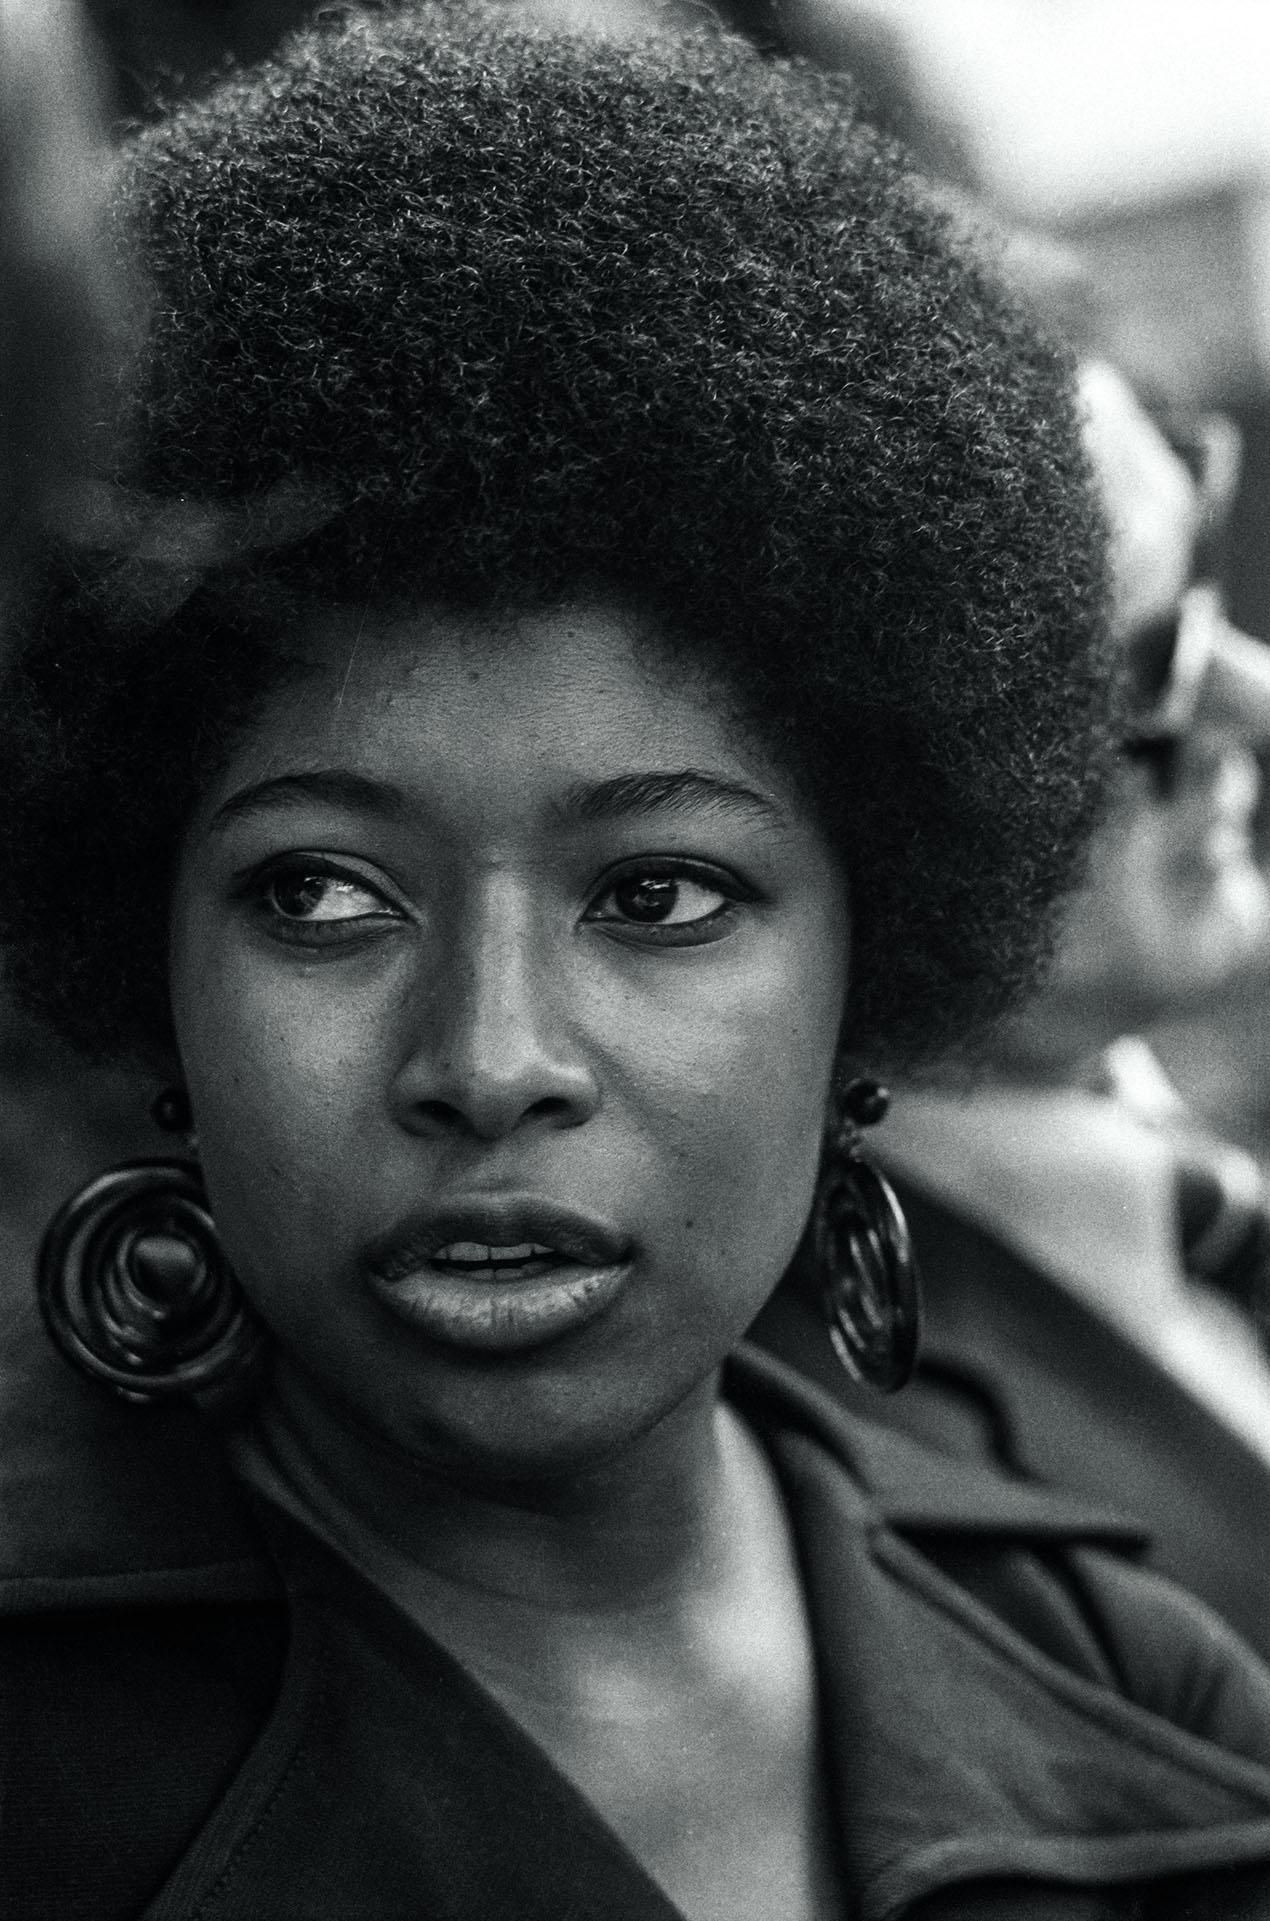 Писательница Элис Уокер 1970 г.